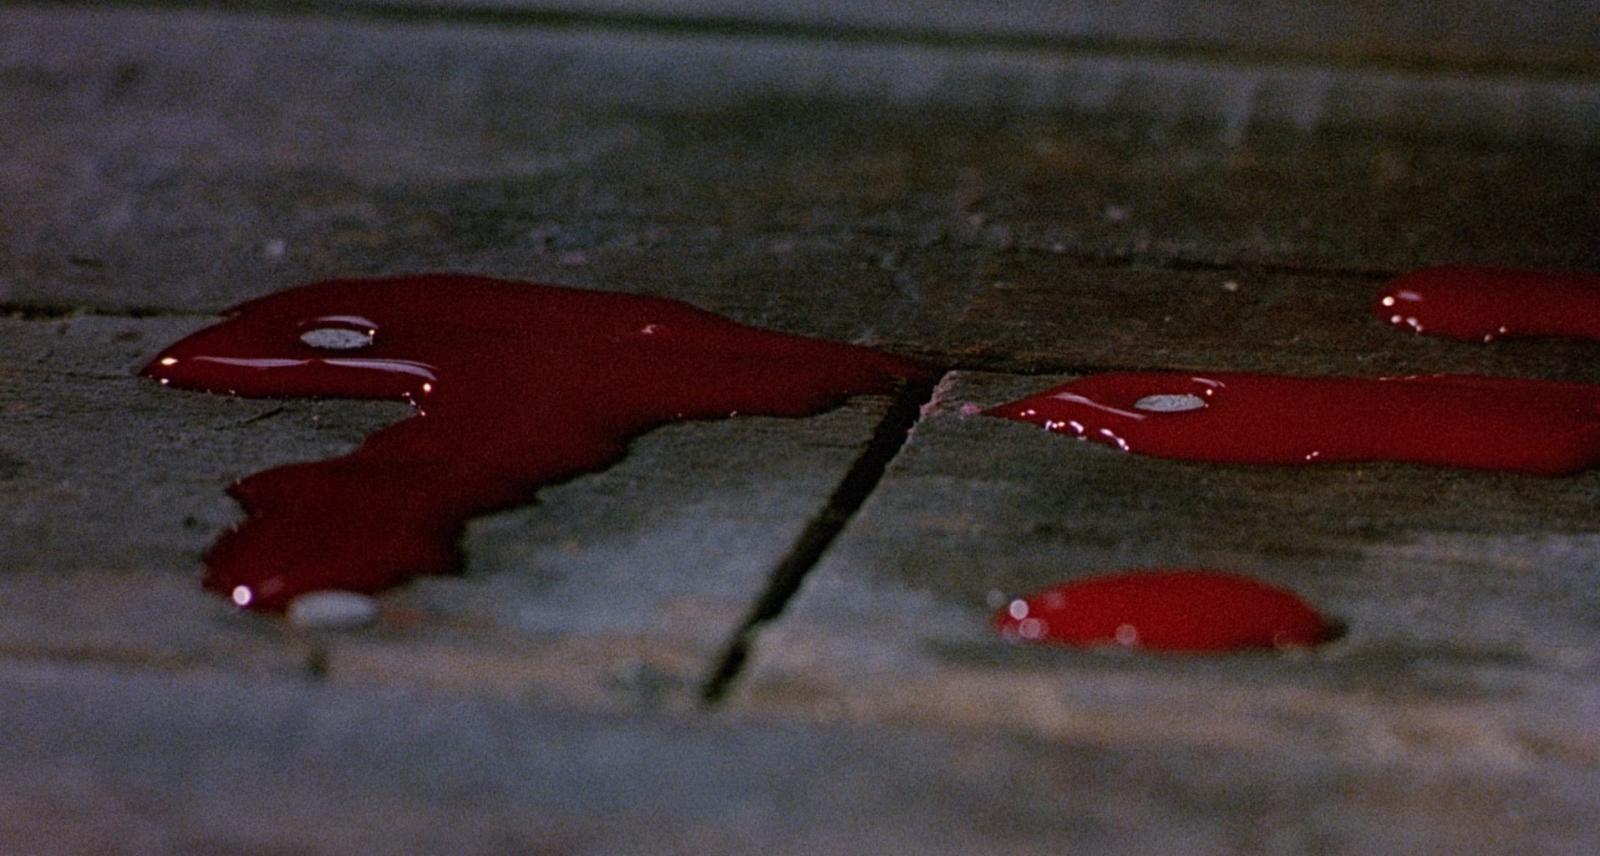 Брянцы за квартиру в Москве запытали человека до смерти